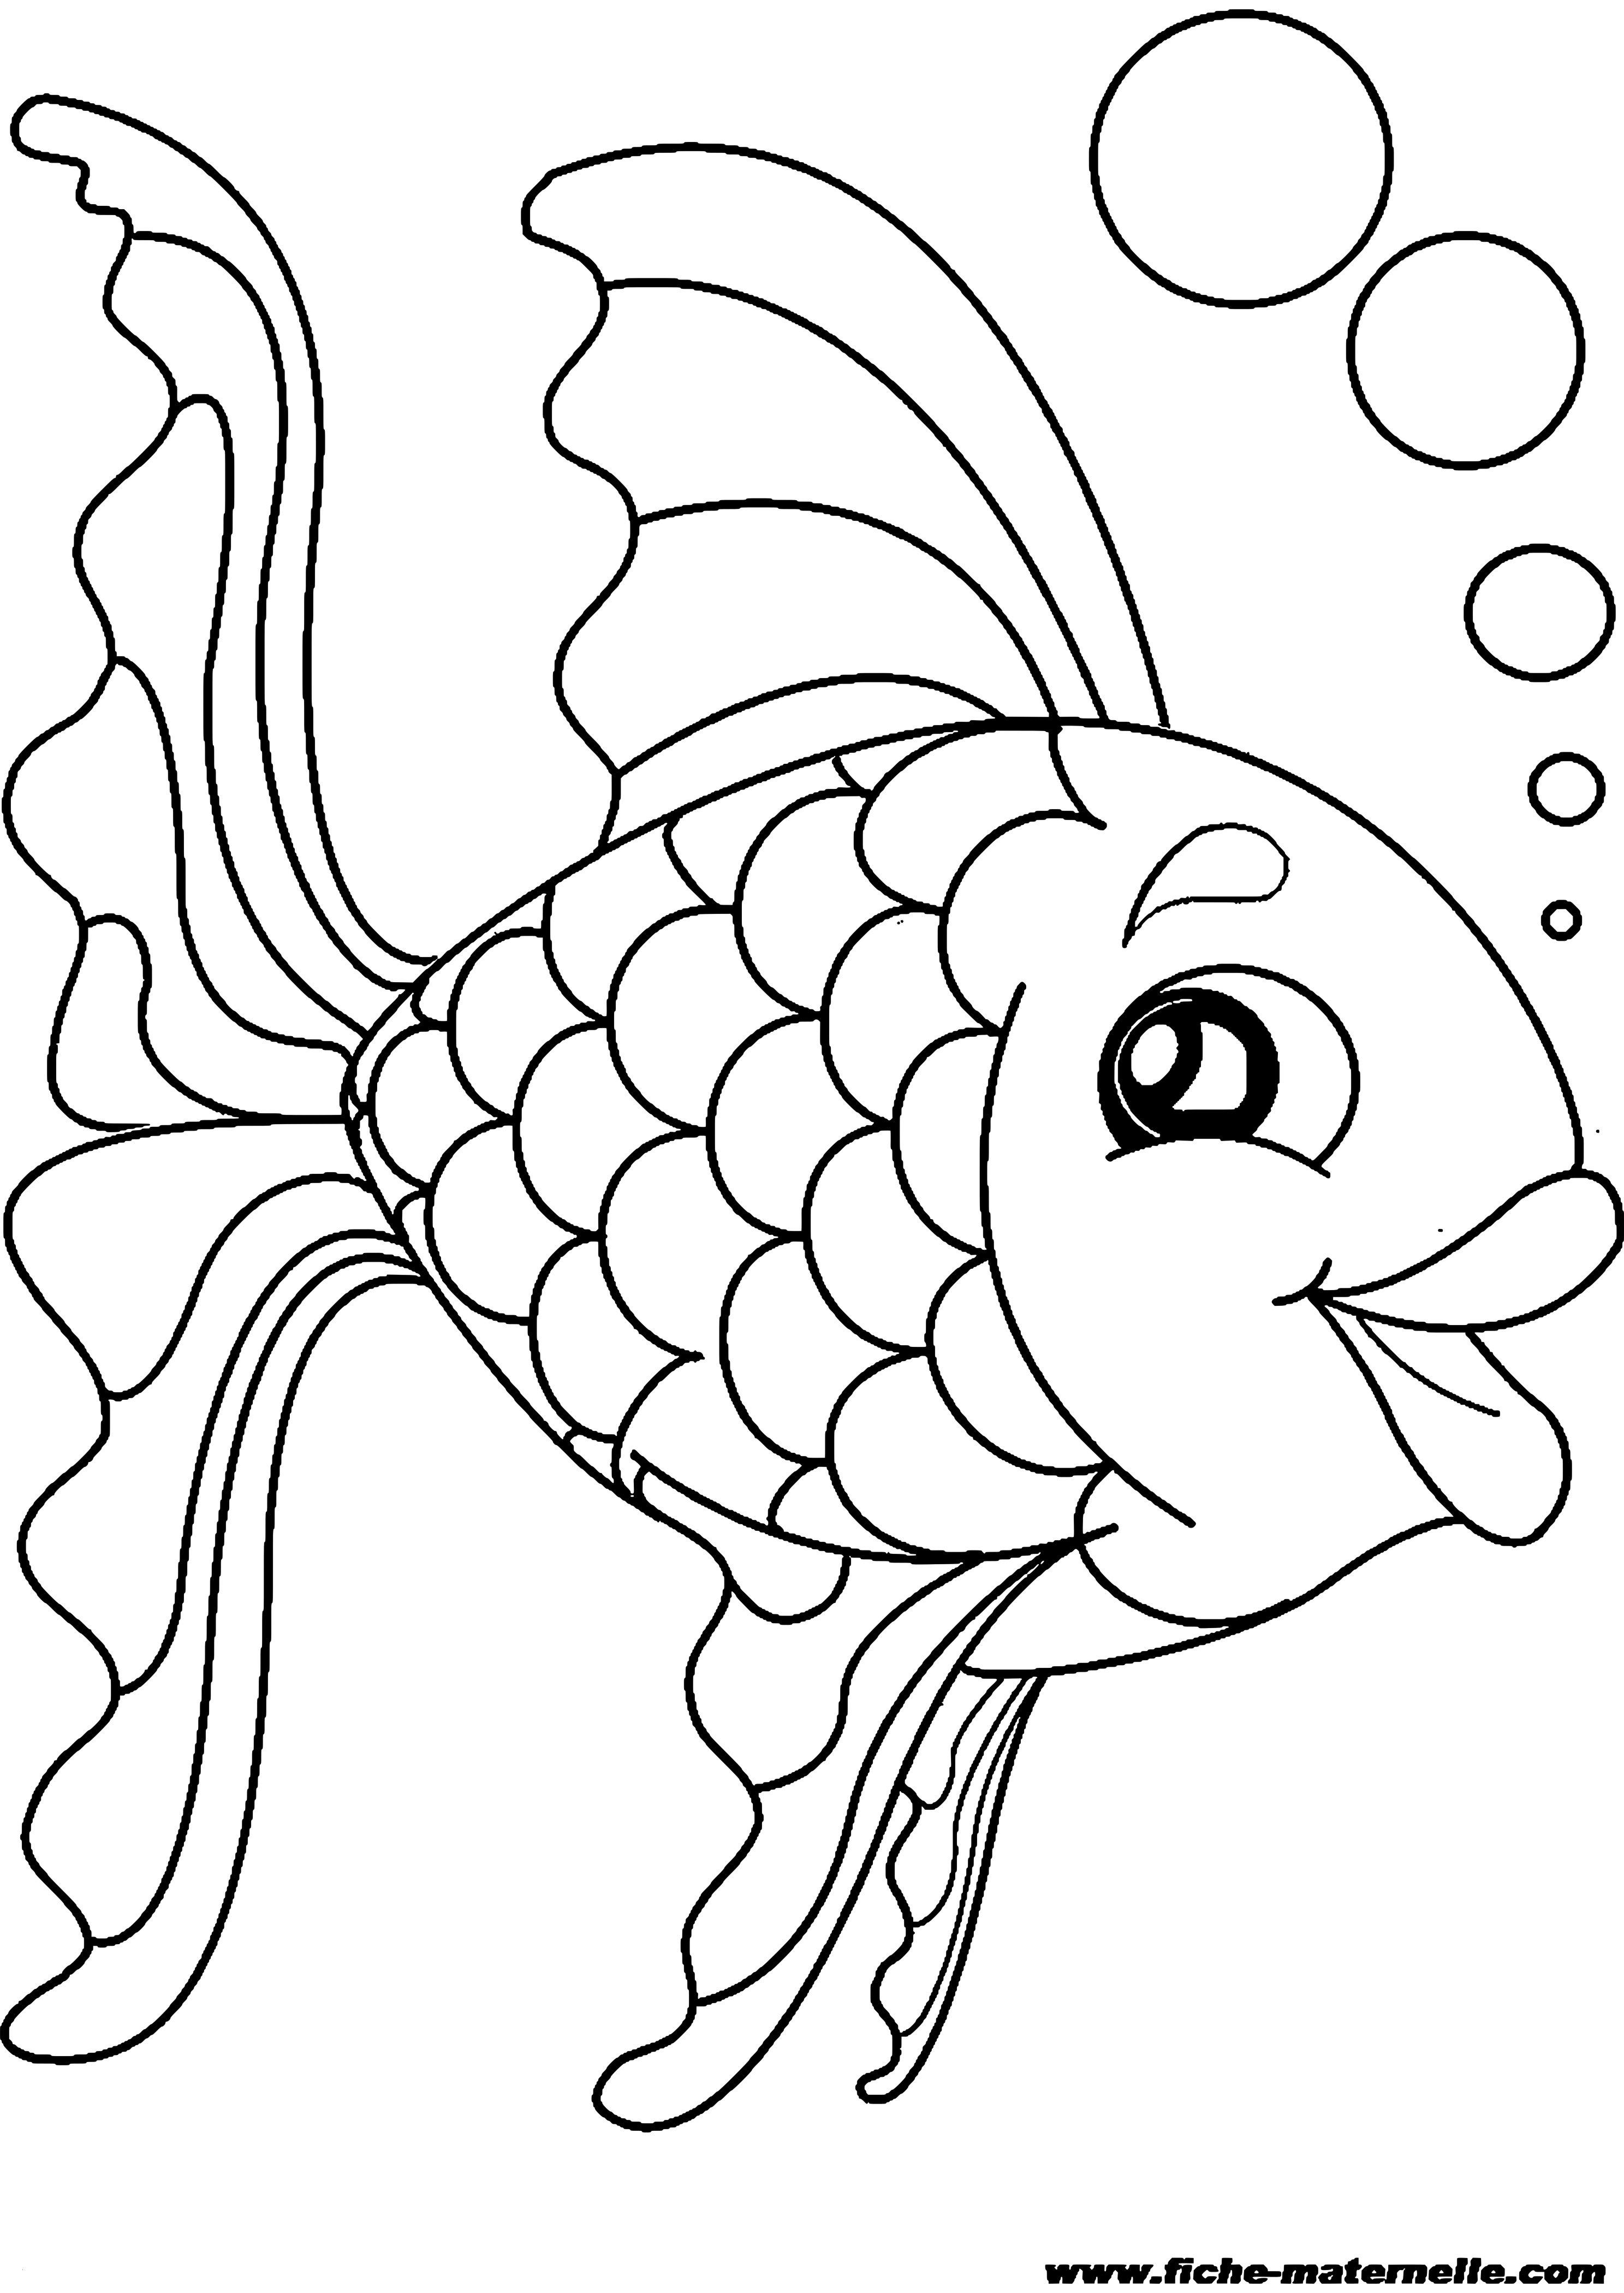 Fische Bilder Zum Ausdrucken Genial Ausmalbilder Dinosaurier Kostenlos Ausdrucken Einzigartig Bilder